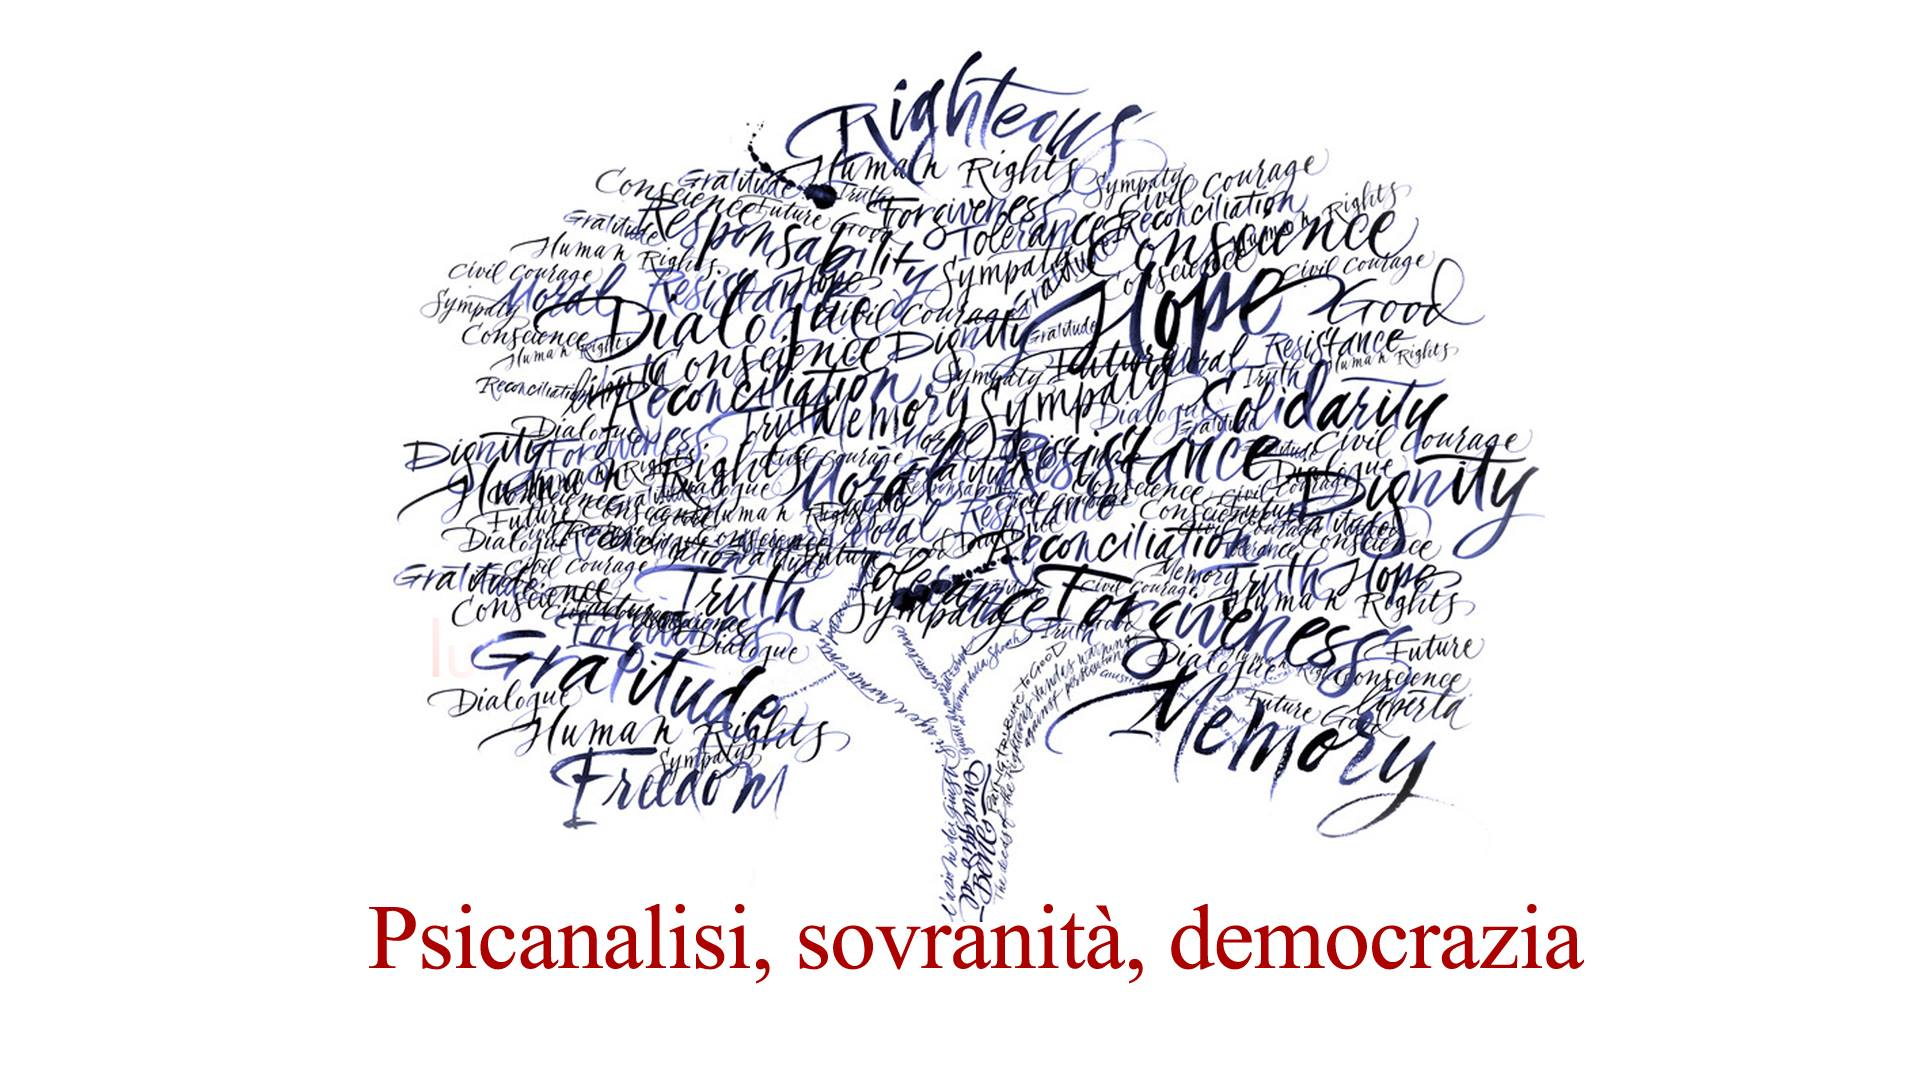 Psicanalisi, sovranità, democrazia